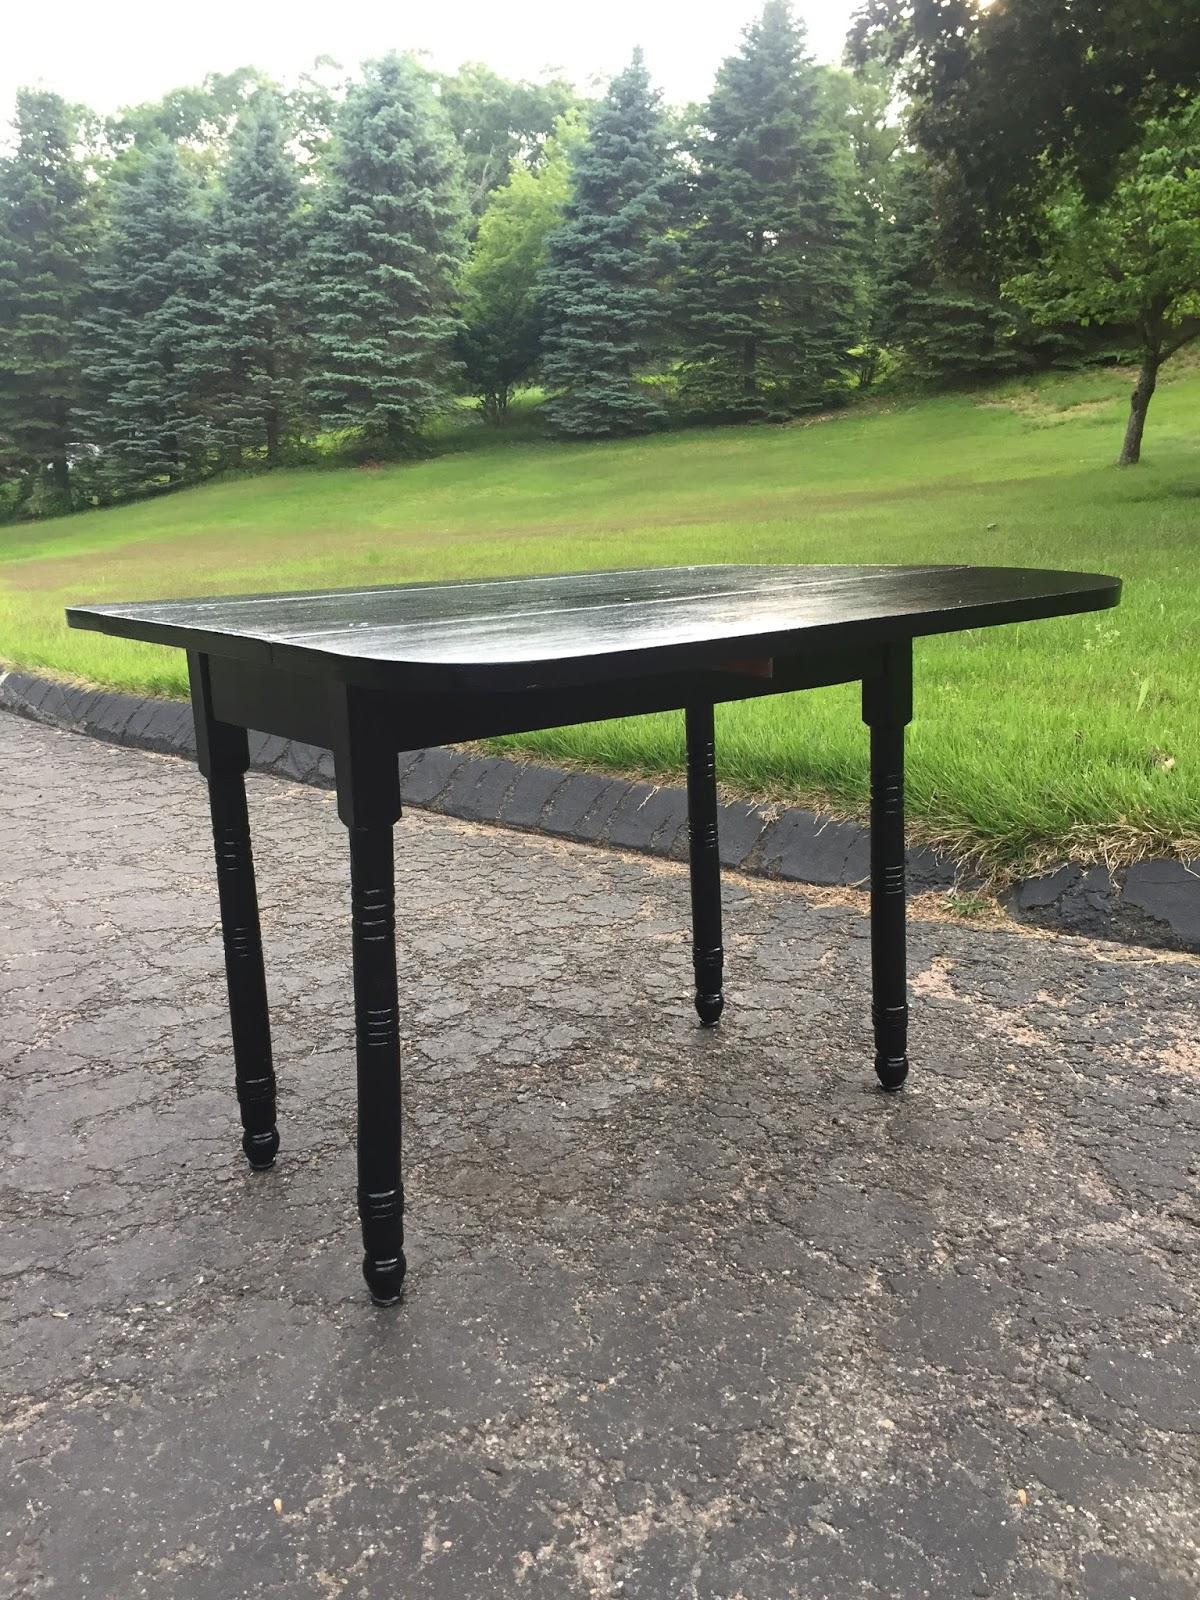 drew danielle design black drop leaf table. Black Bedroom Furniture Sets. Home Design Ideas